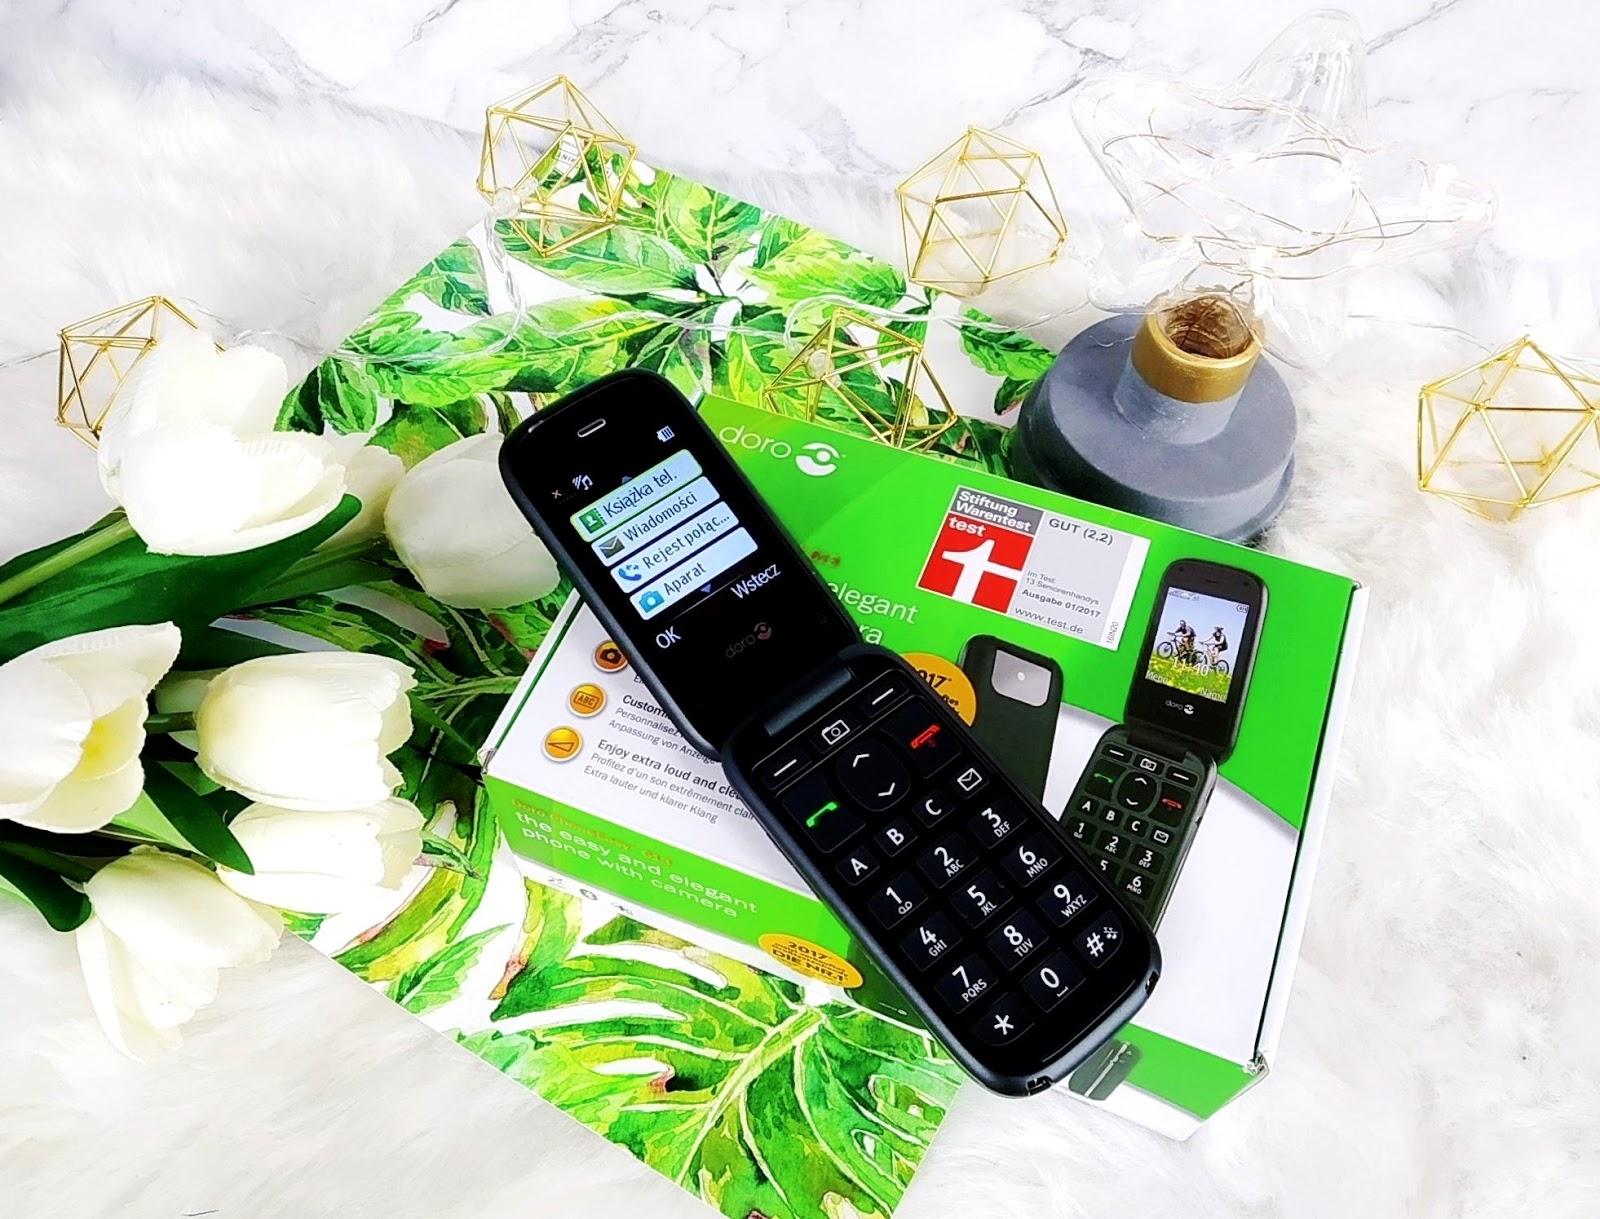 DORO 613 - IDEALNY TELEFON DLA KAŻDEGO SENIORA!